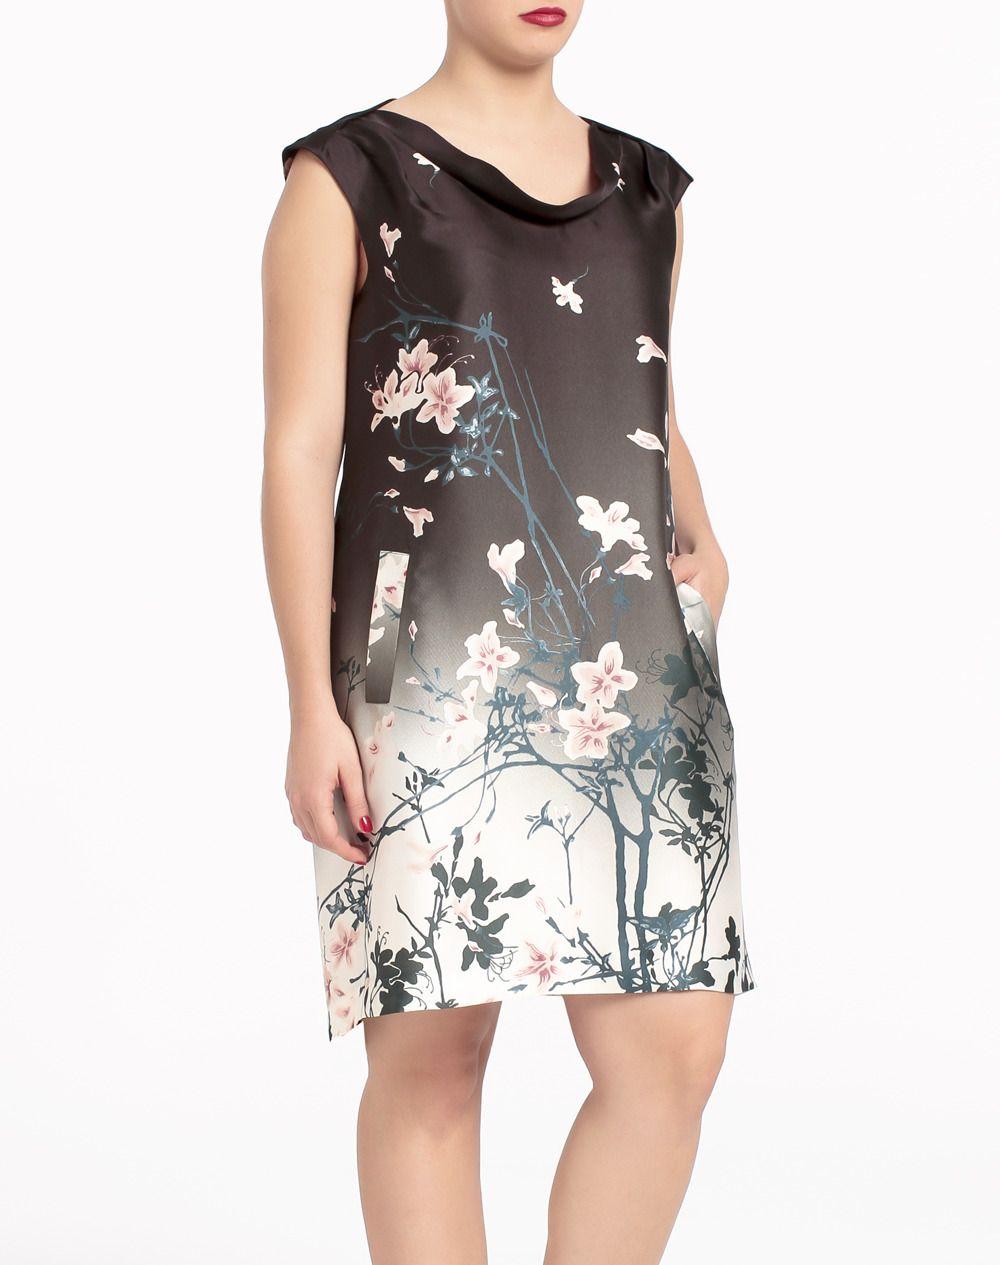 Vestido Couchel Mujer Tallas Grandes El Corte Ingles Moda Moda Y Complementos Moda Vestidos De Mujer